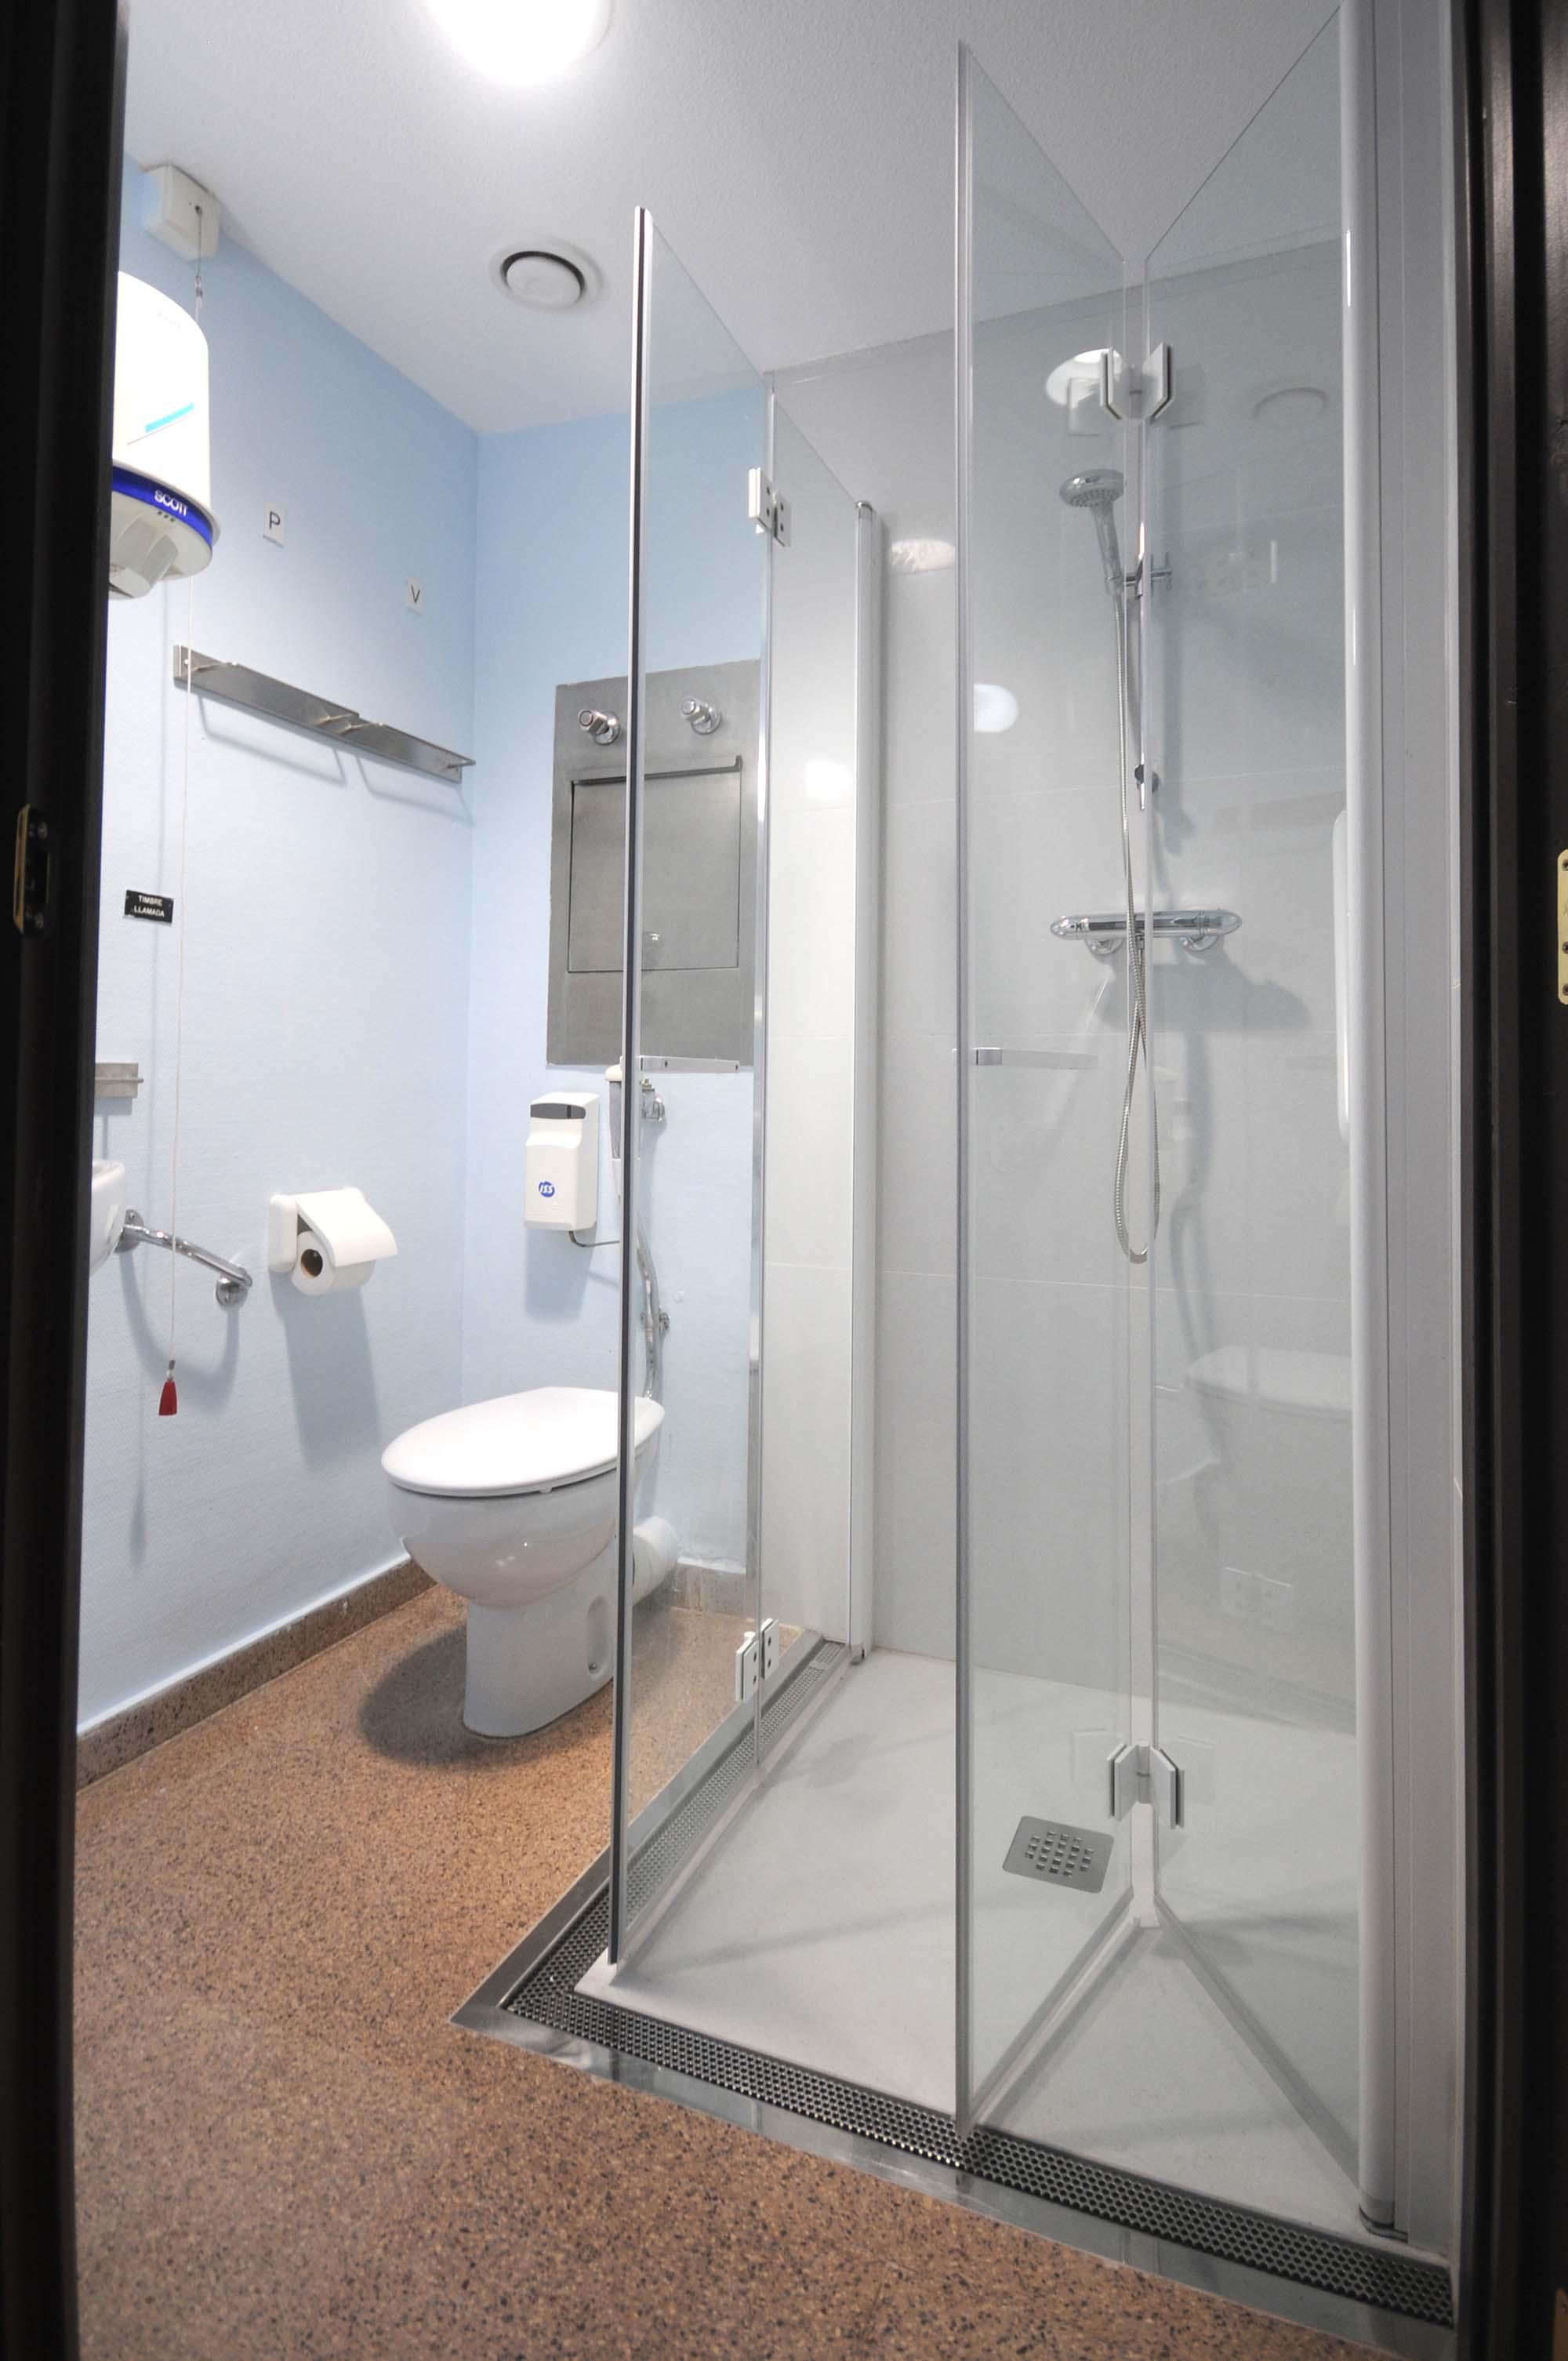 remplacement baignoire par douche de duchaya hospital irun. Black Bedroom Furniture Sets. Home Design Ideas